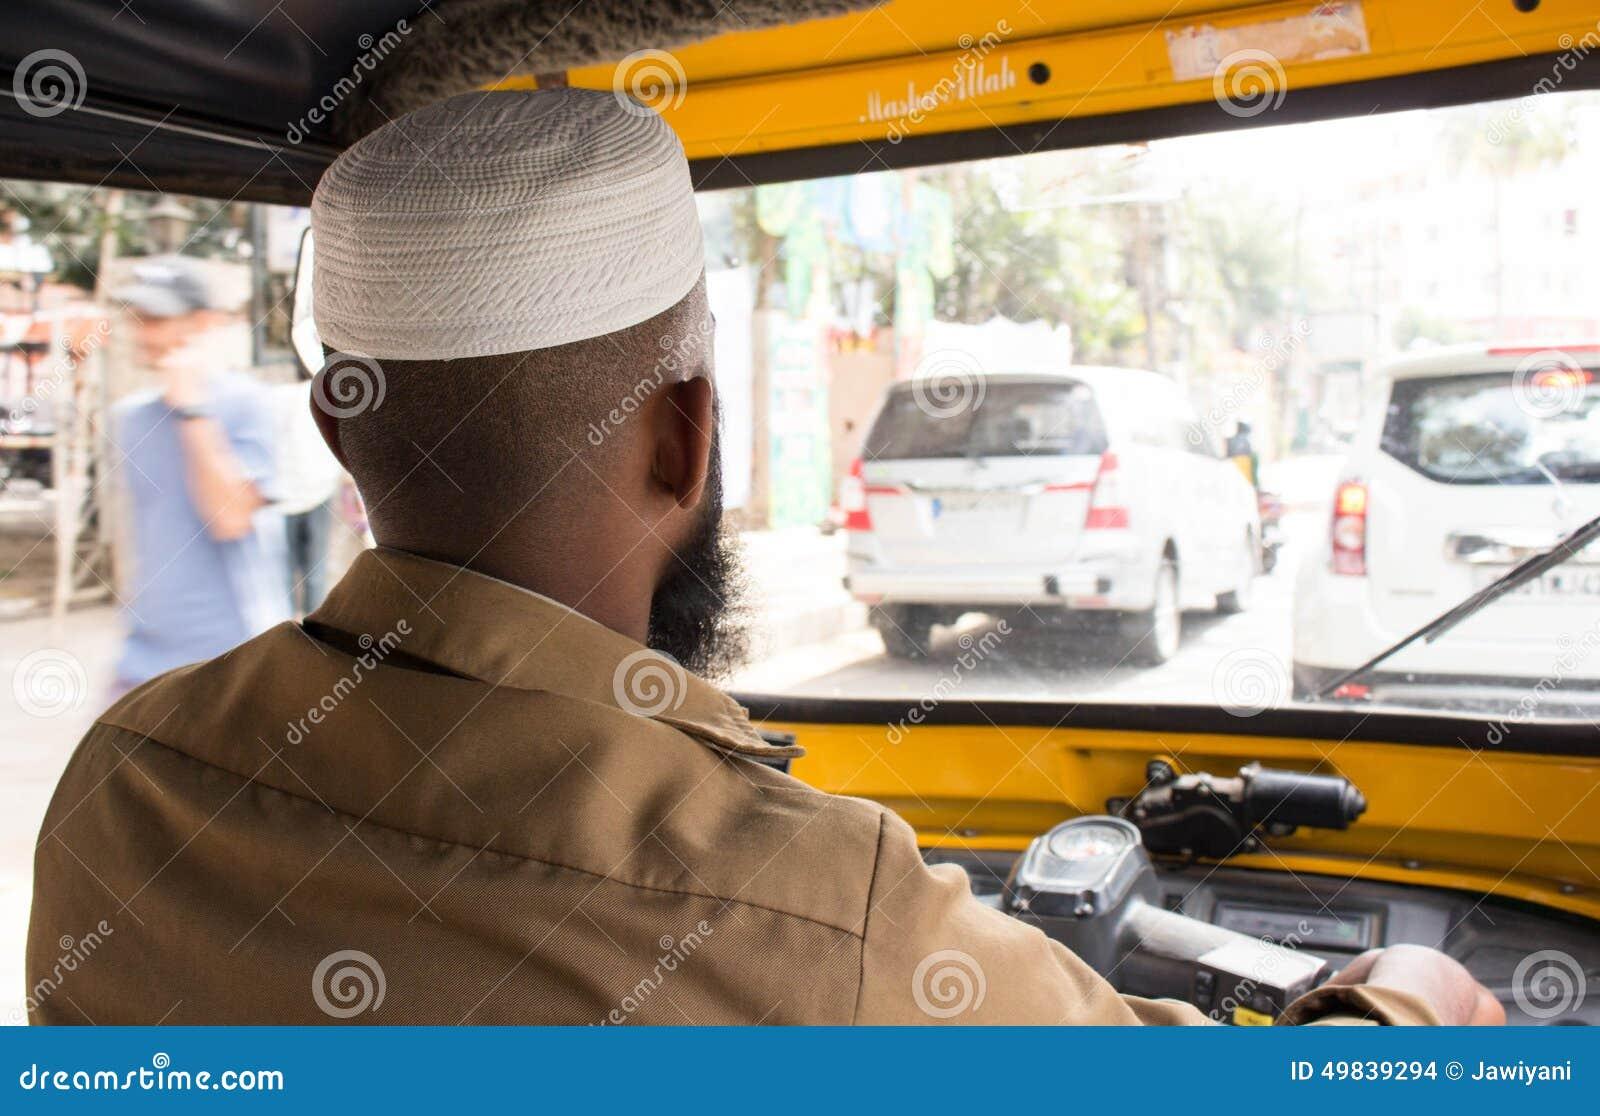 hindu single men in johannesburg In the category men seeking women johannesburg you can find indian guy seeks single lady – 45 johannesburg a single indian guy looking to meet single indian.